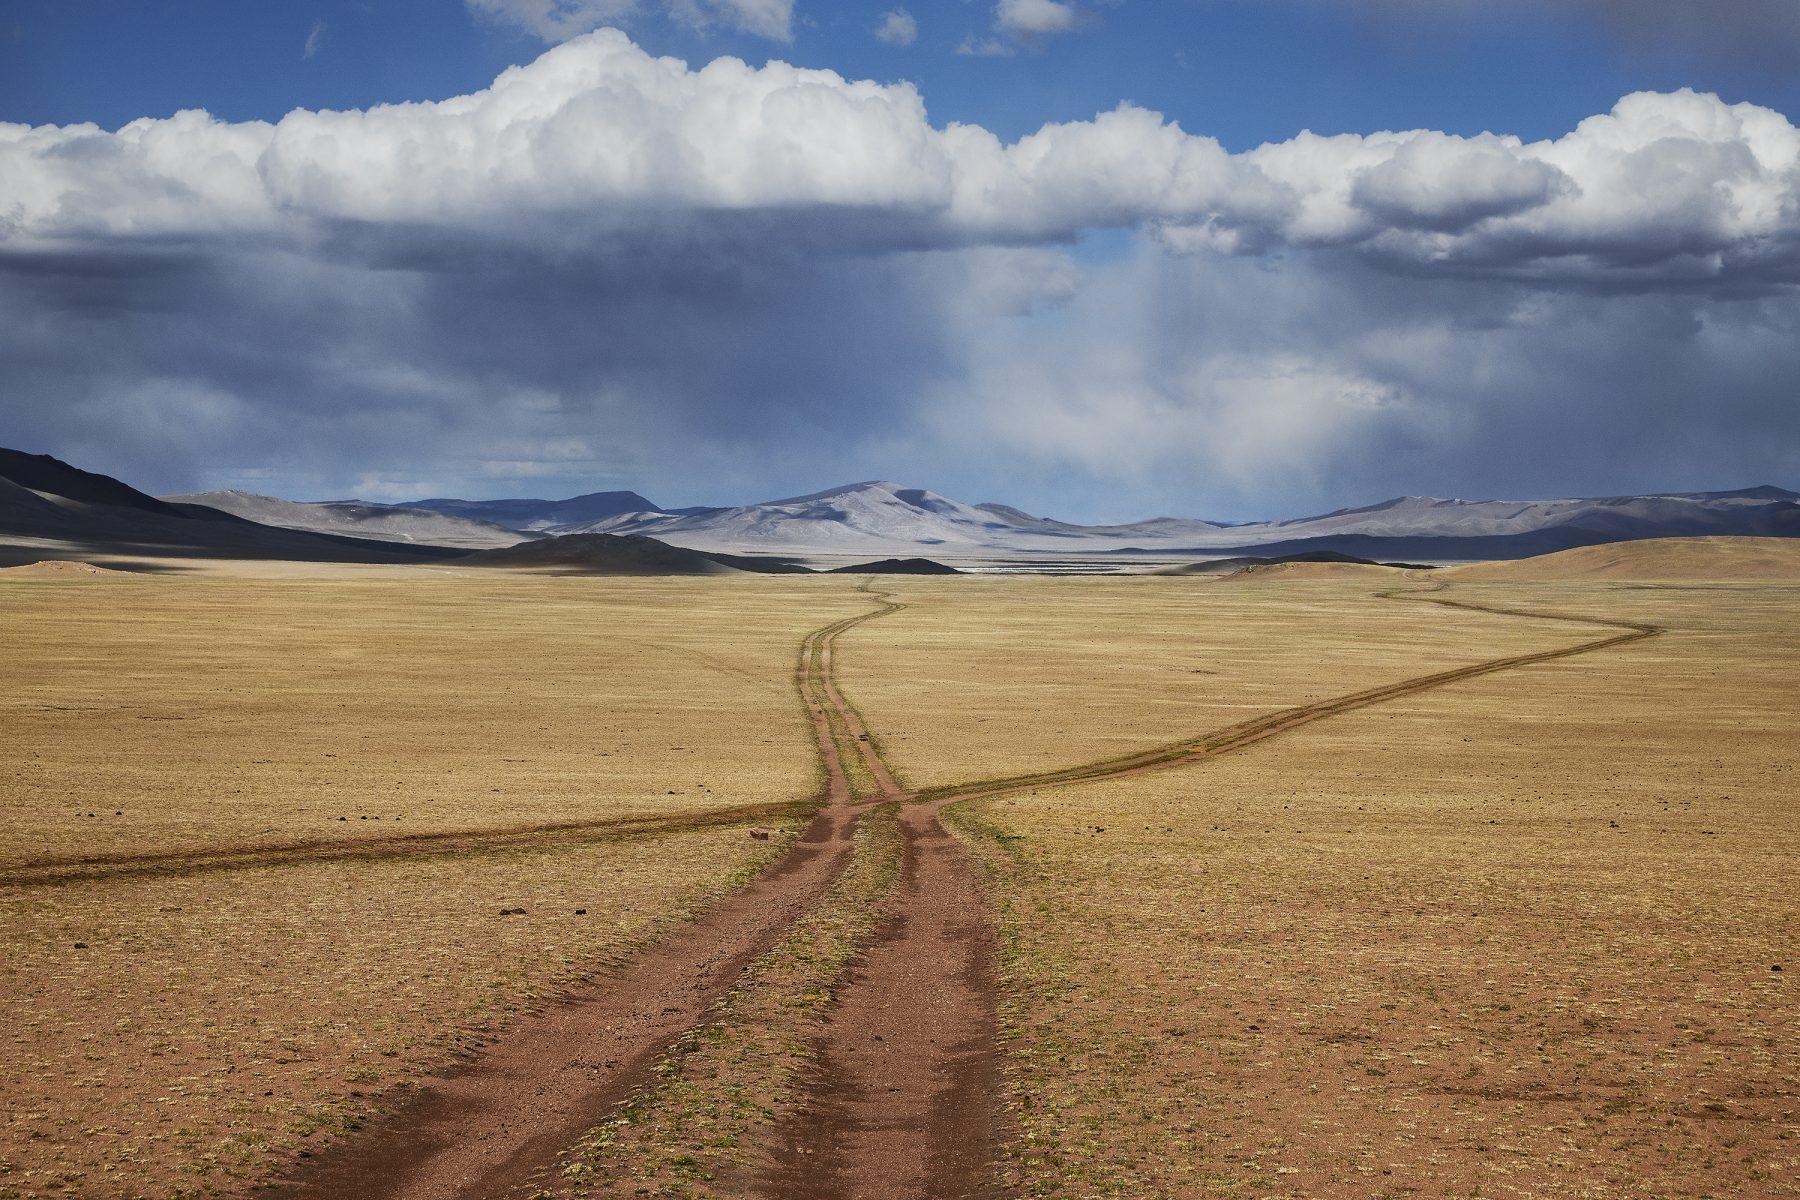 Steve McCurry, Mongolie, paysage, champs, montagnes, ciel